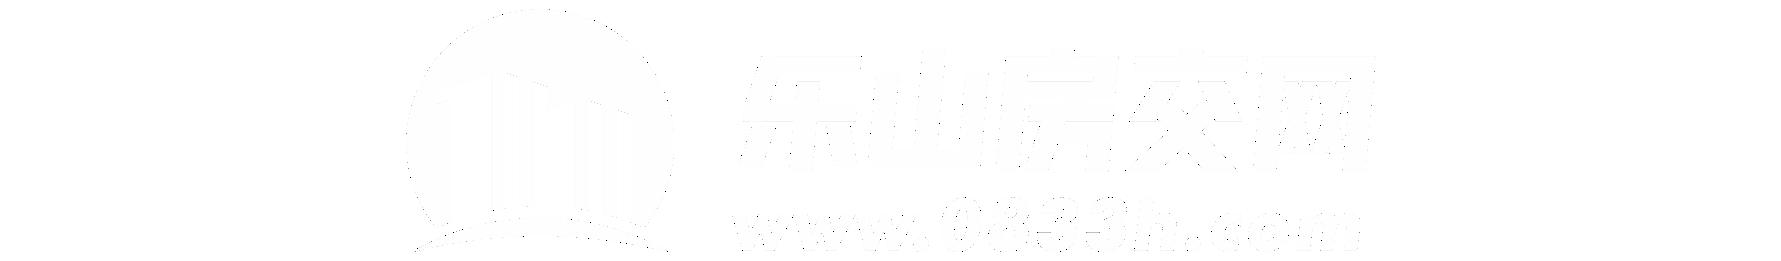 乐山房交网